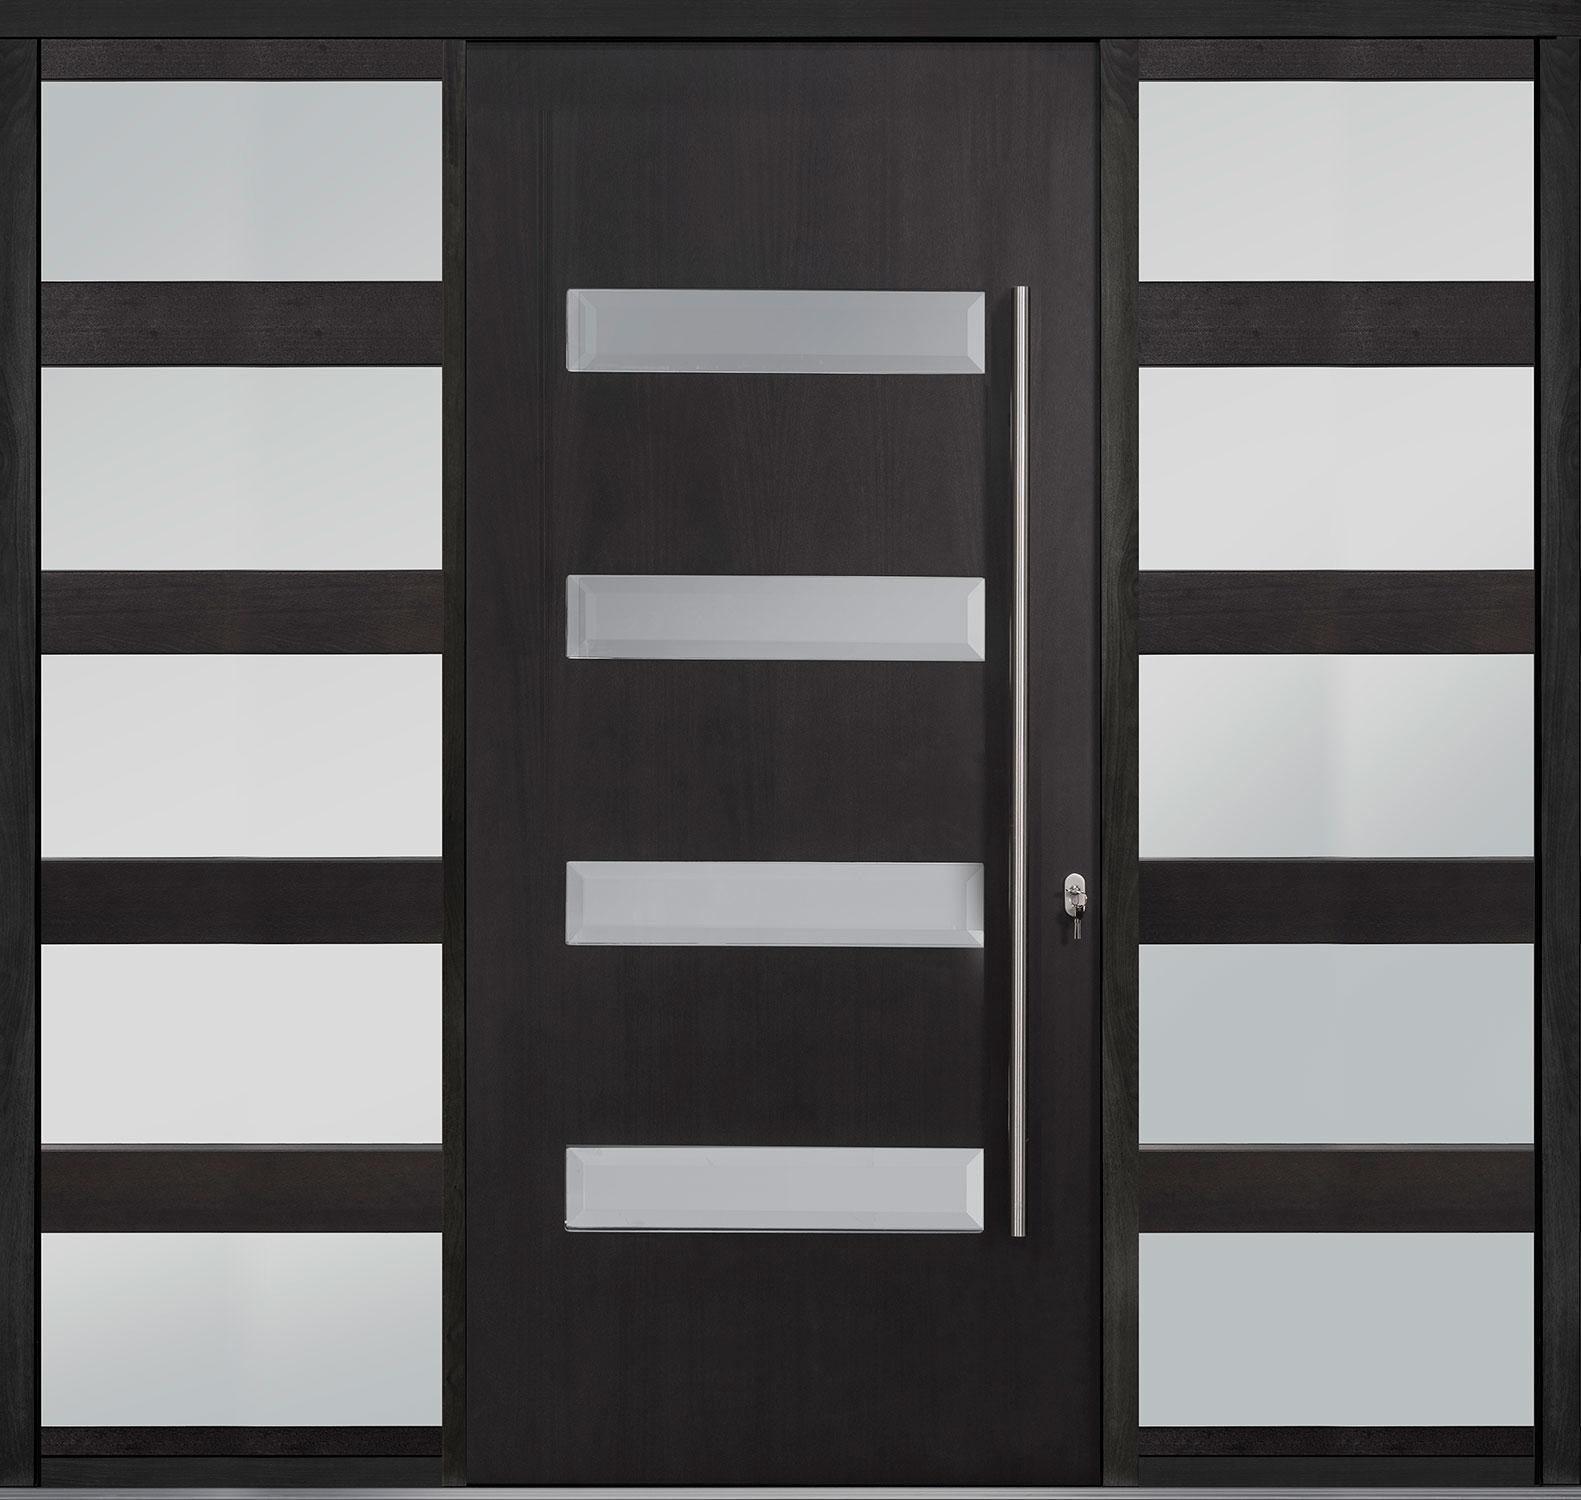 Wood Front Door - Single with 2 Sidelites